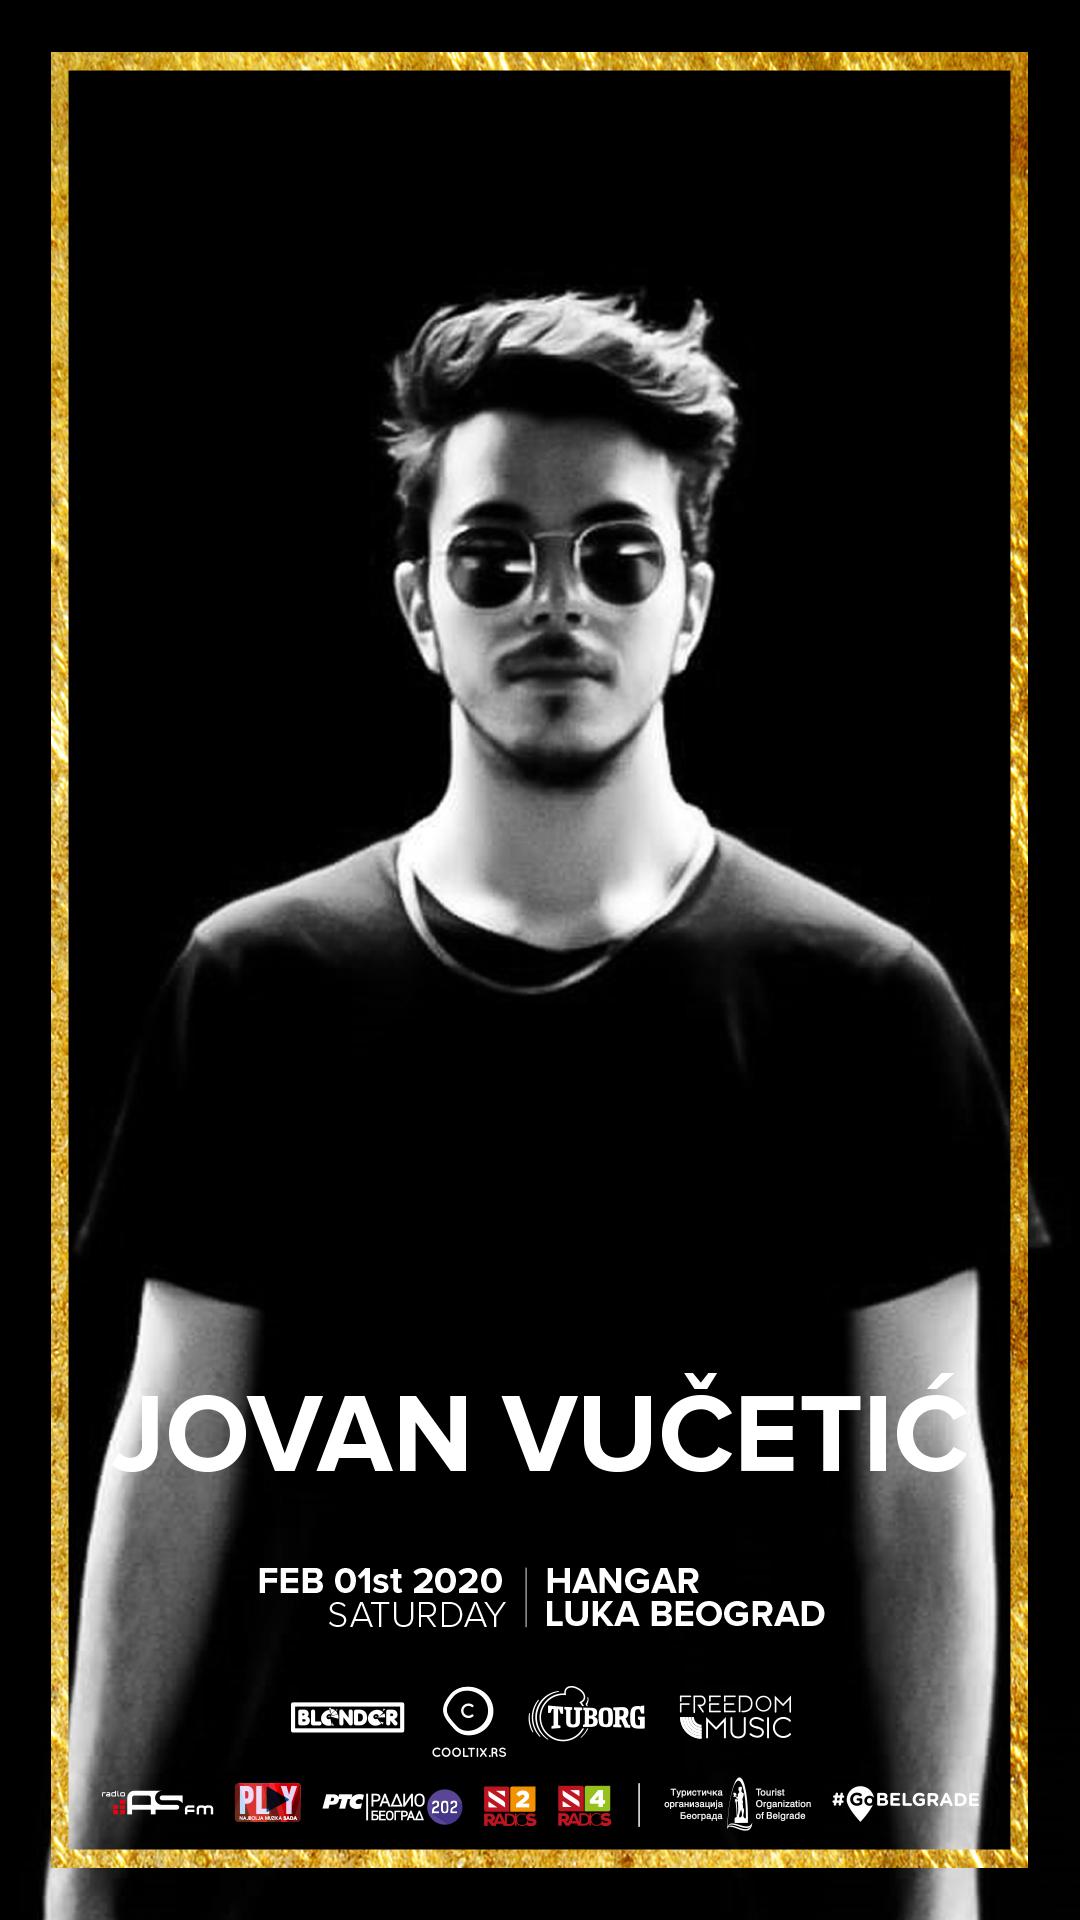 Jovan Vucetic